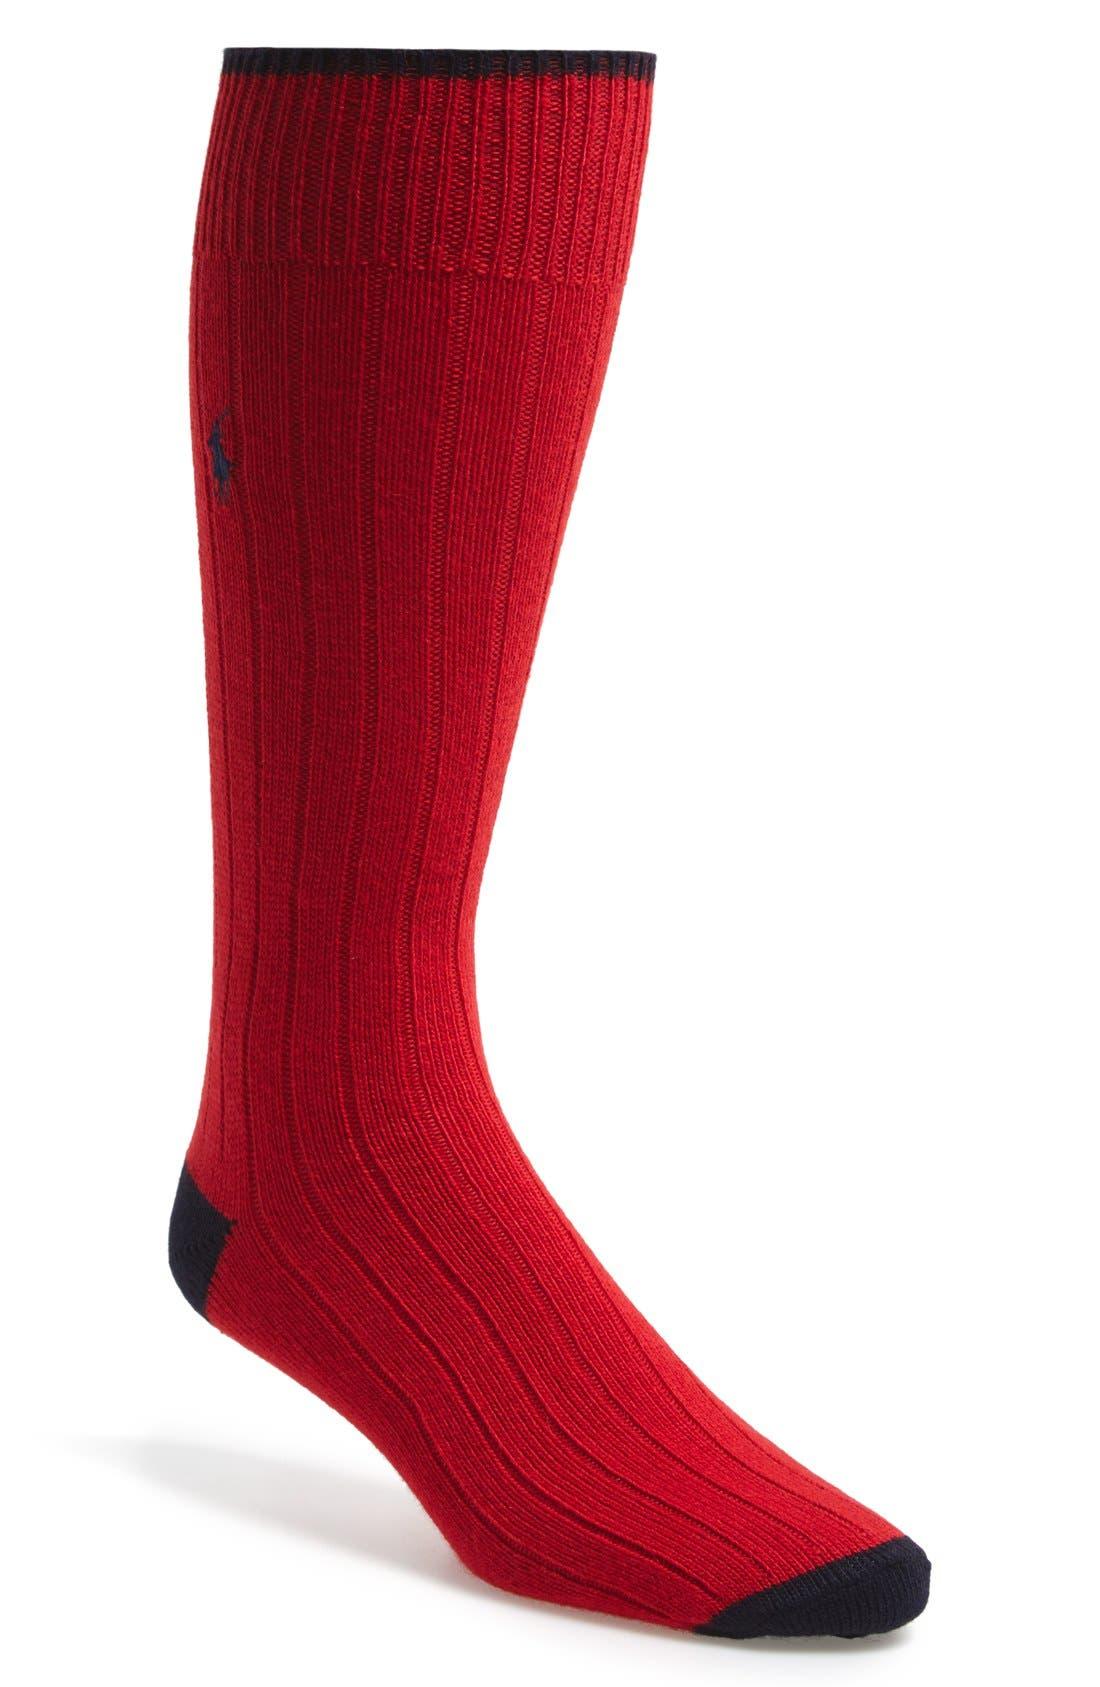 Alternate Image 1 Selected - Polo Ralph Lauren Cashmere Blend Socks